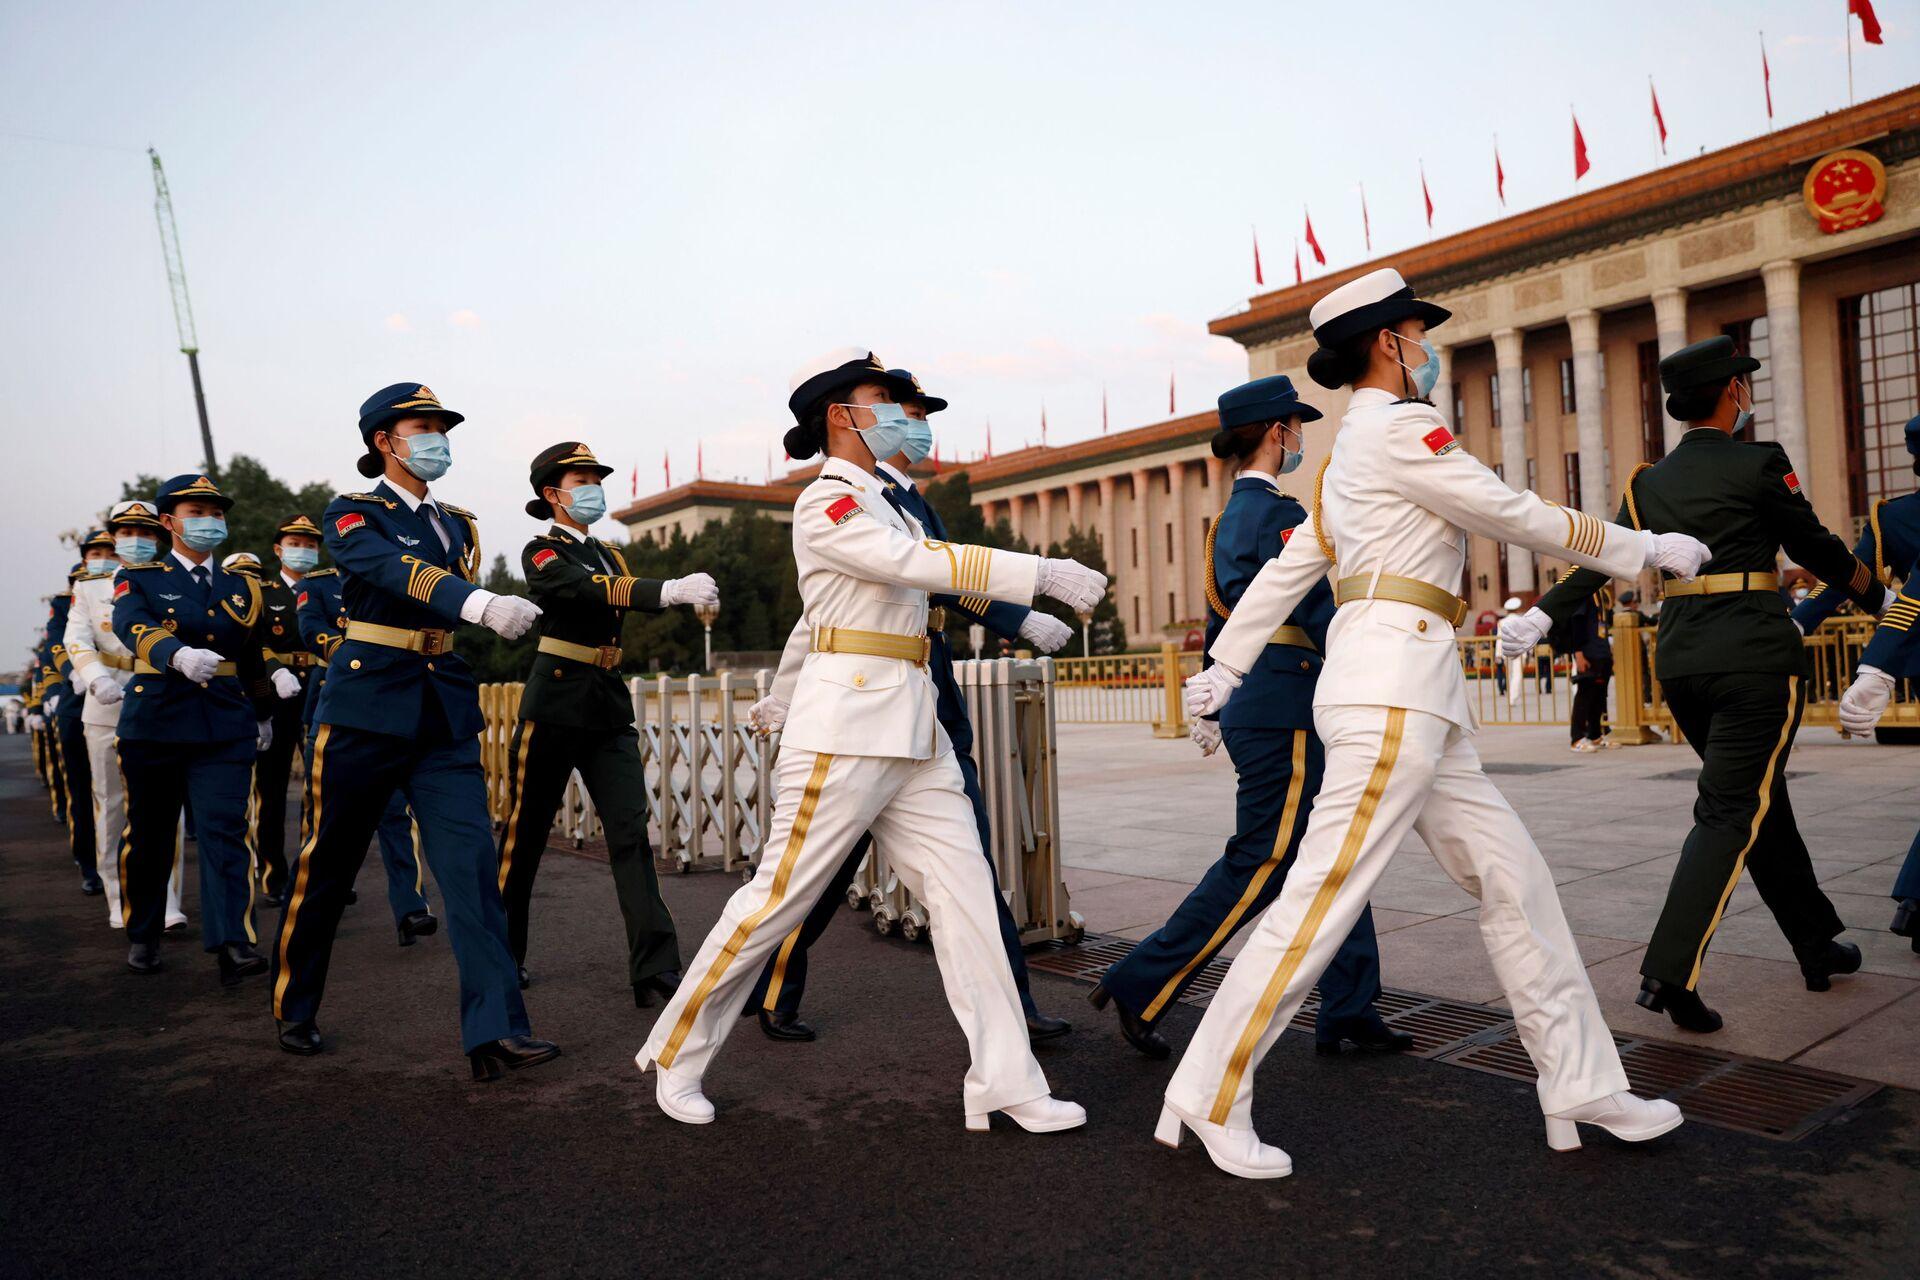 Giọng điệu hiếu chiến? Ông Tập Cận Bình nói gì về hiện đại hóa quân đội Trung Quốc - Sputnik Việt Nam, 1920, 01.07.2021